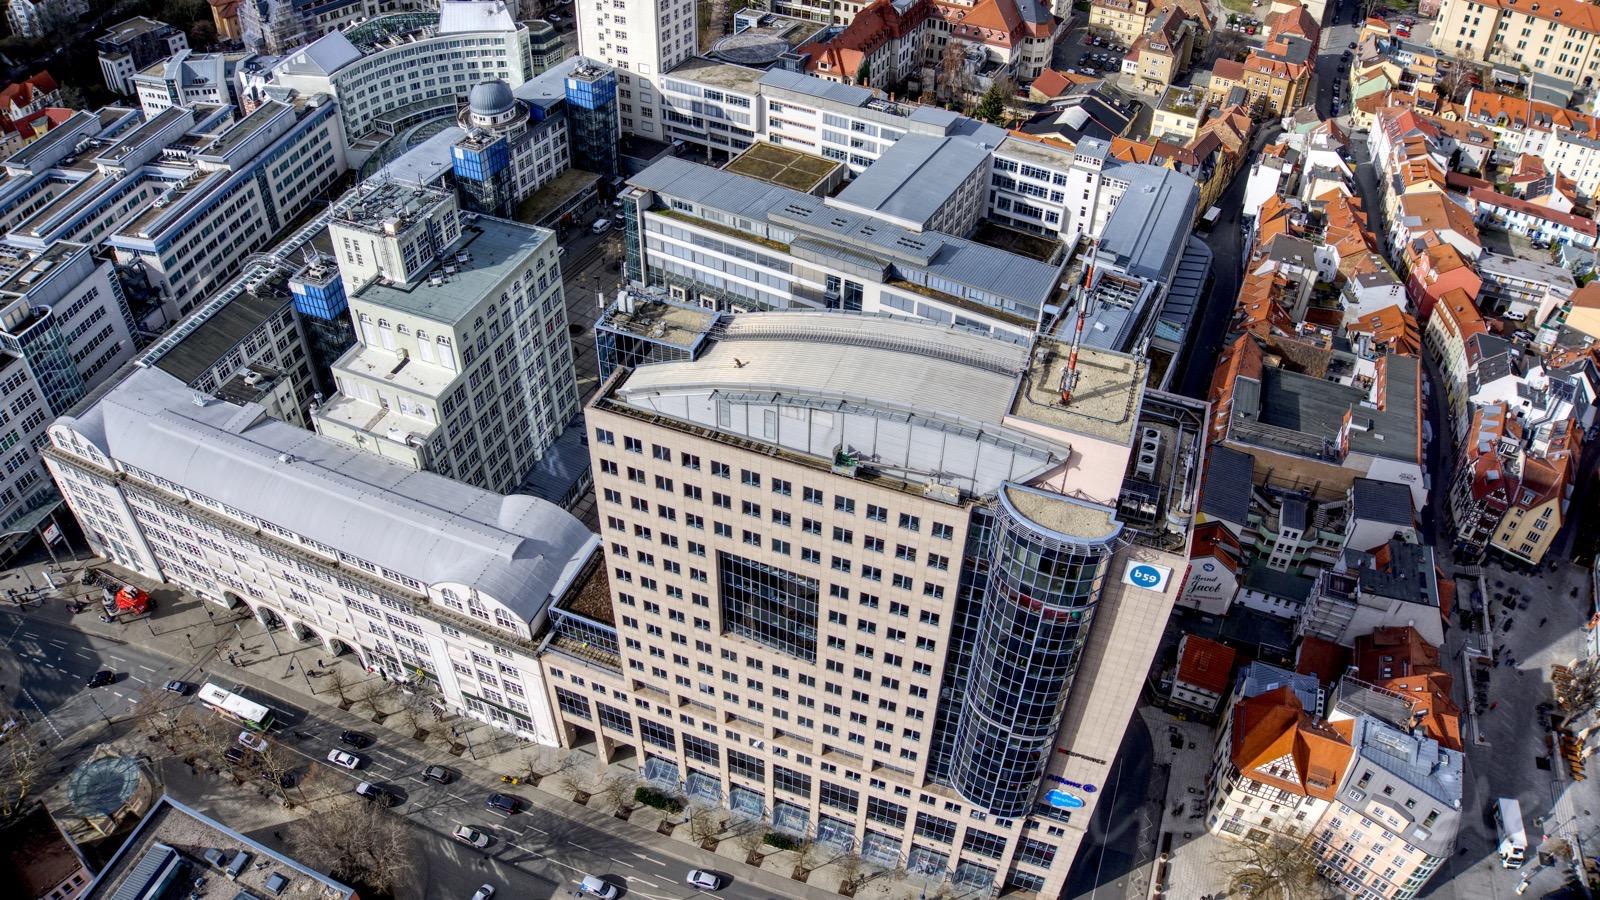 Das Empire-Späth-Building aka b59, die Goethe-Galerie und das ehemaliges Zeisswerk.